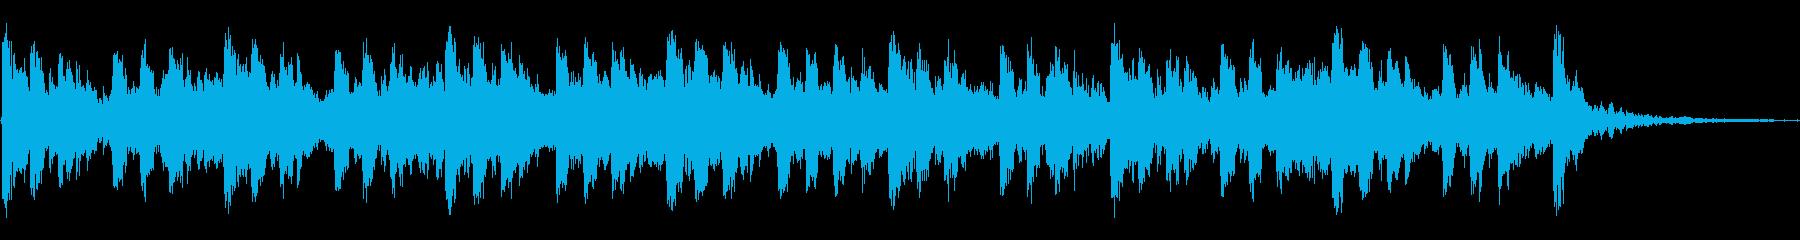 神秘的なラテン風ジングルの再生済みの波形